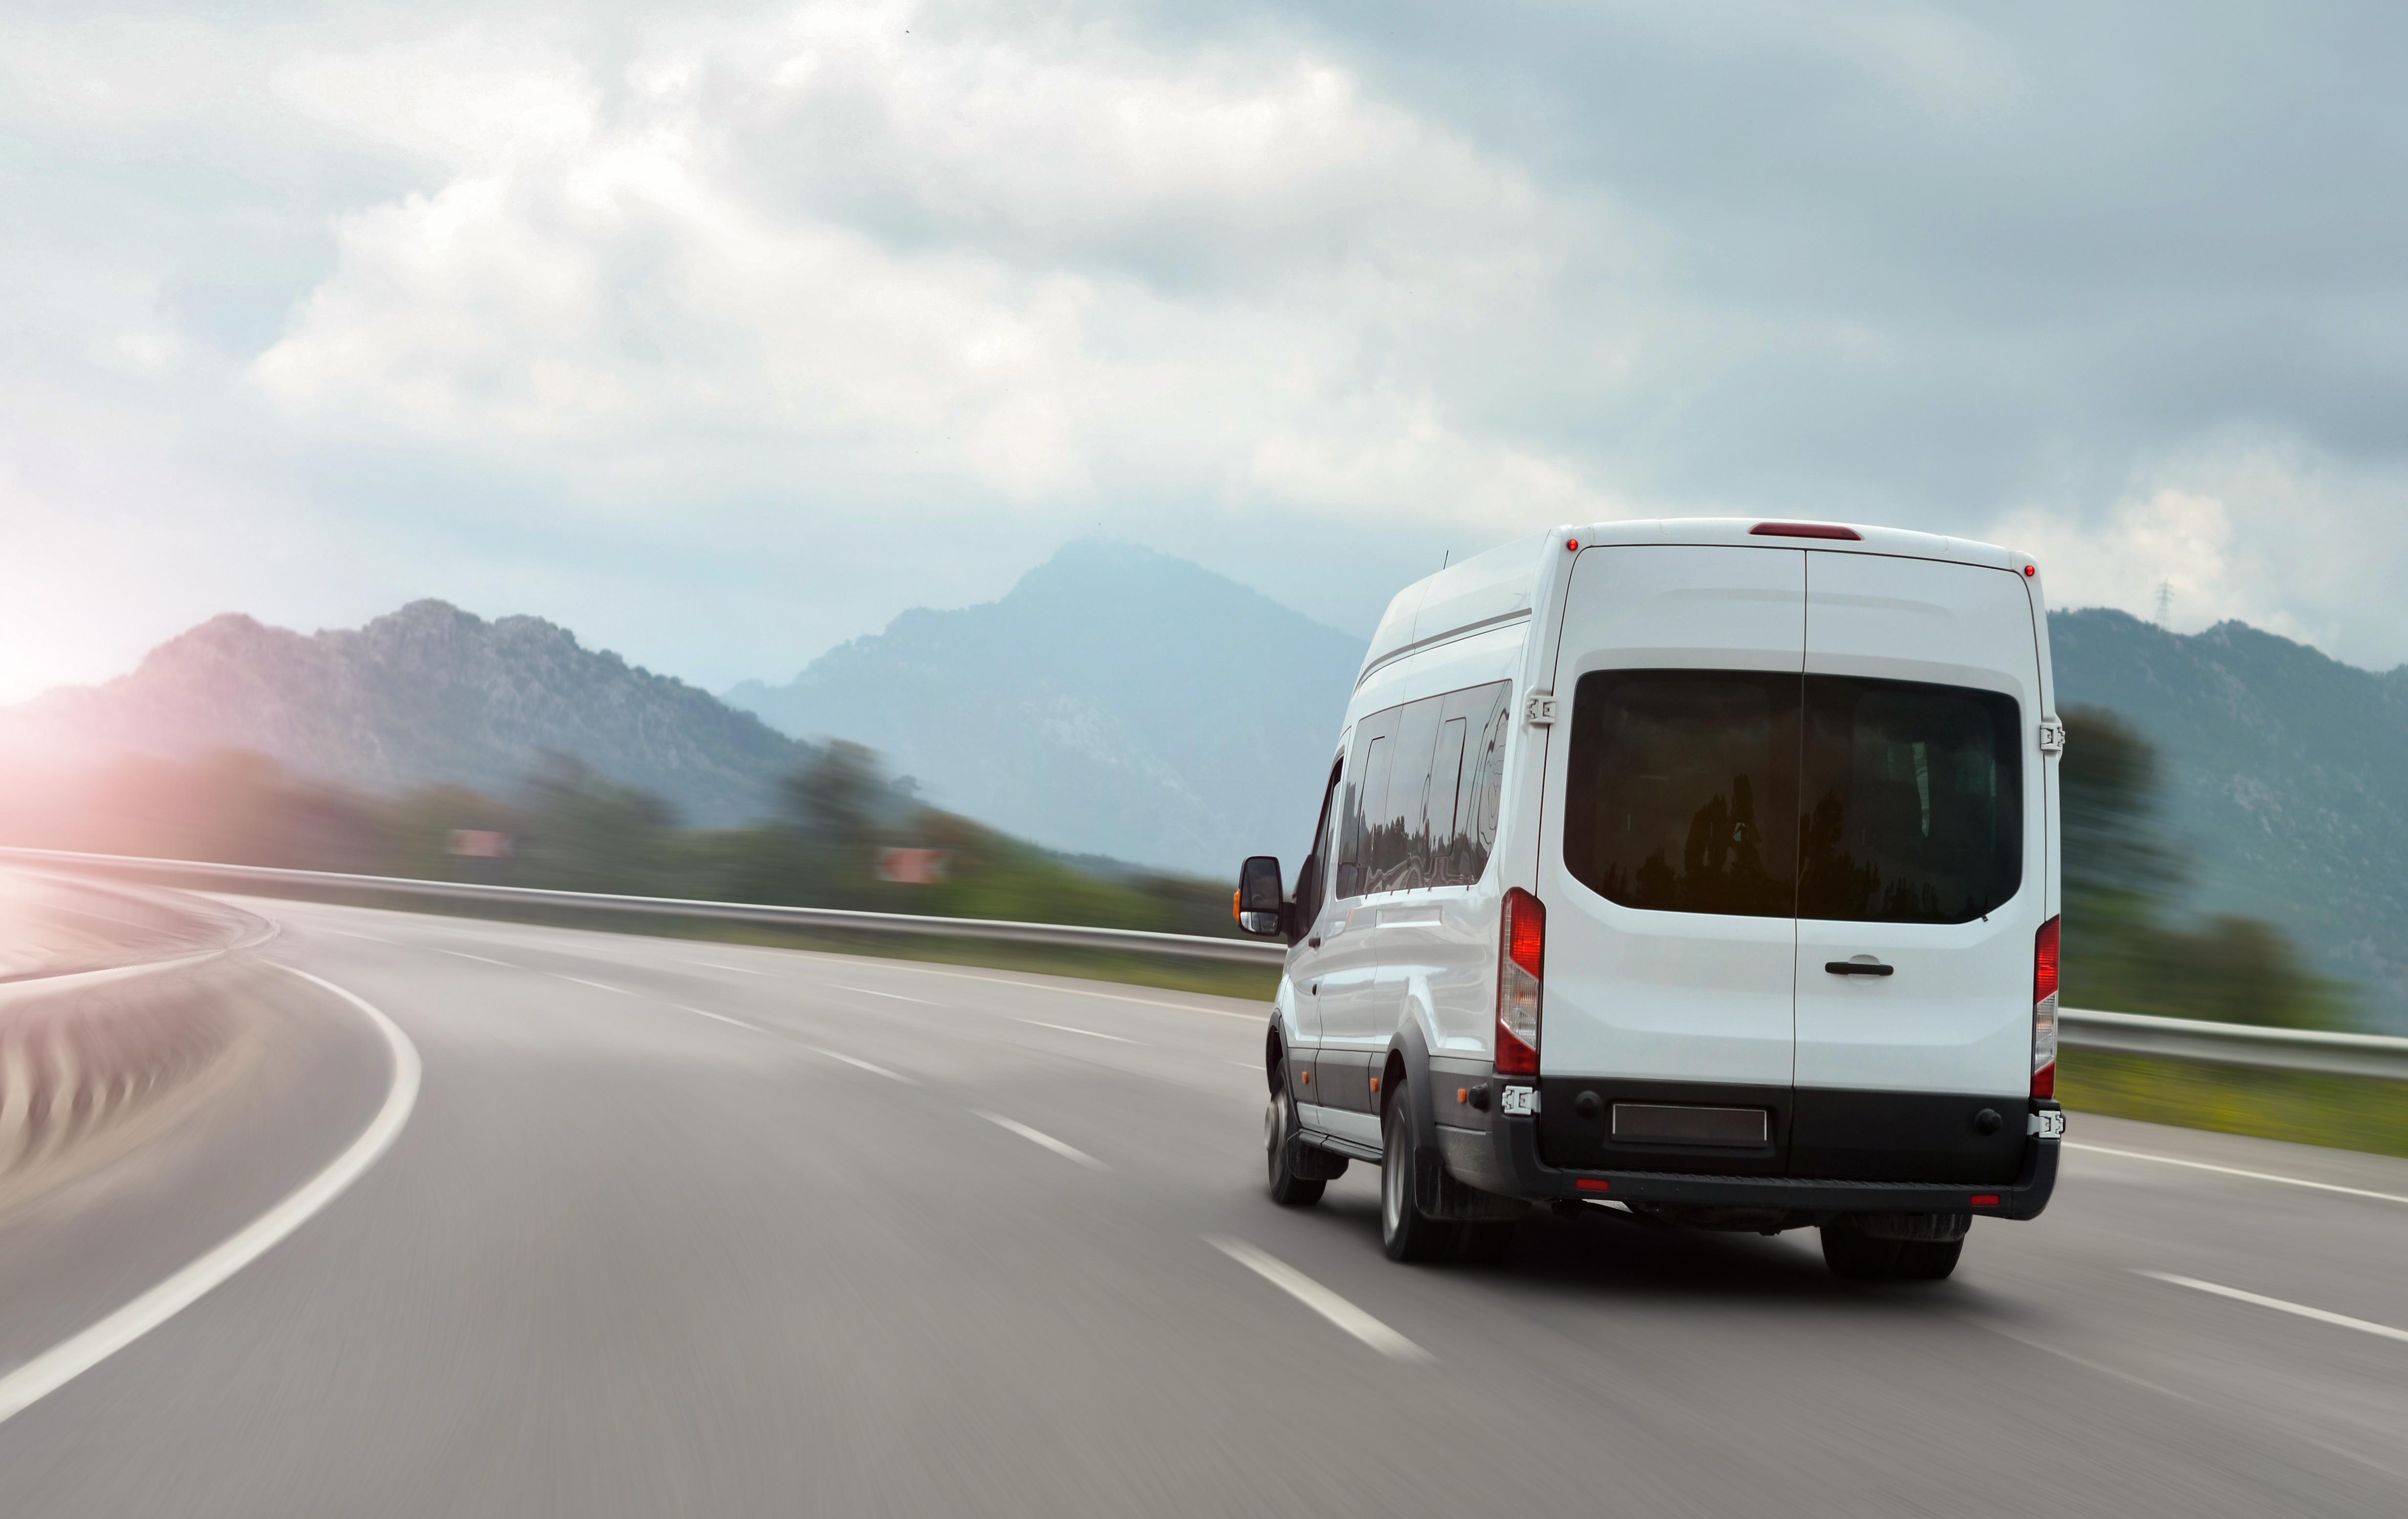 Sprinter van on the highway